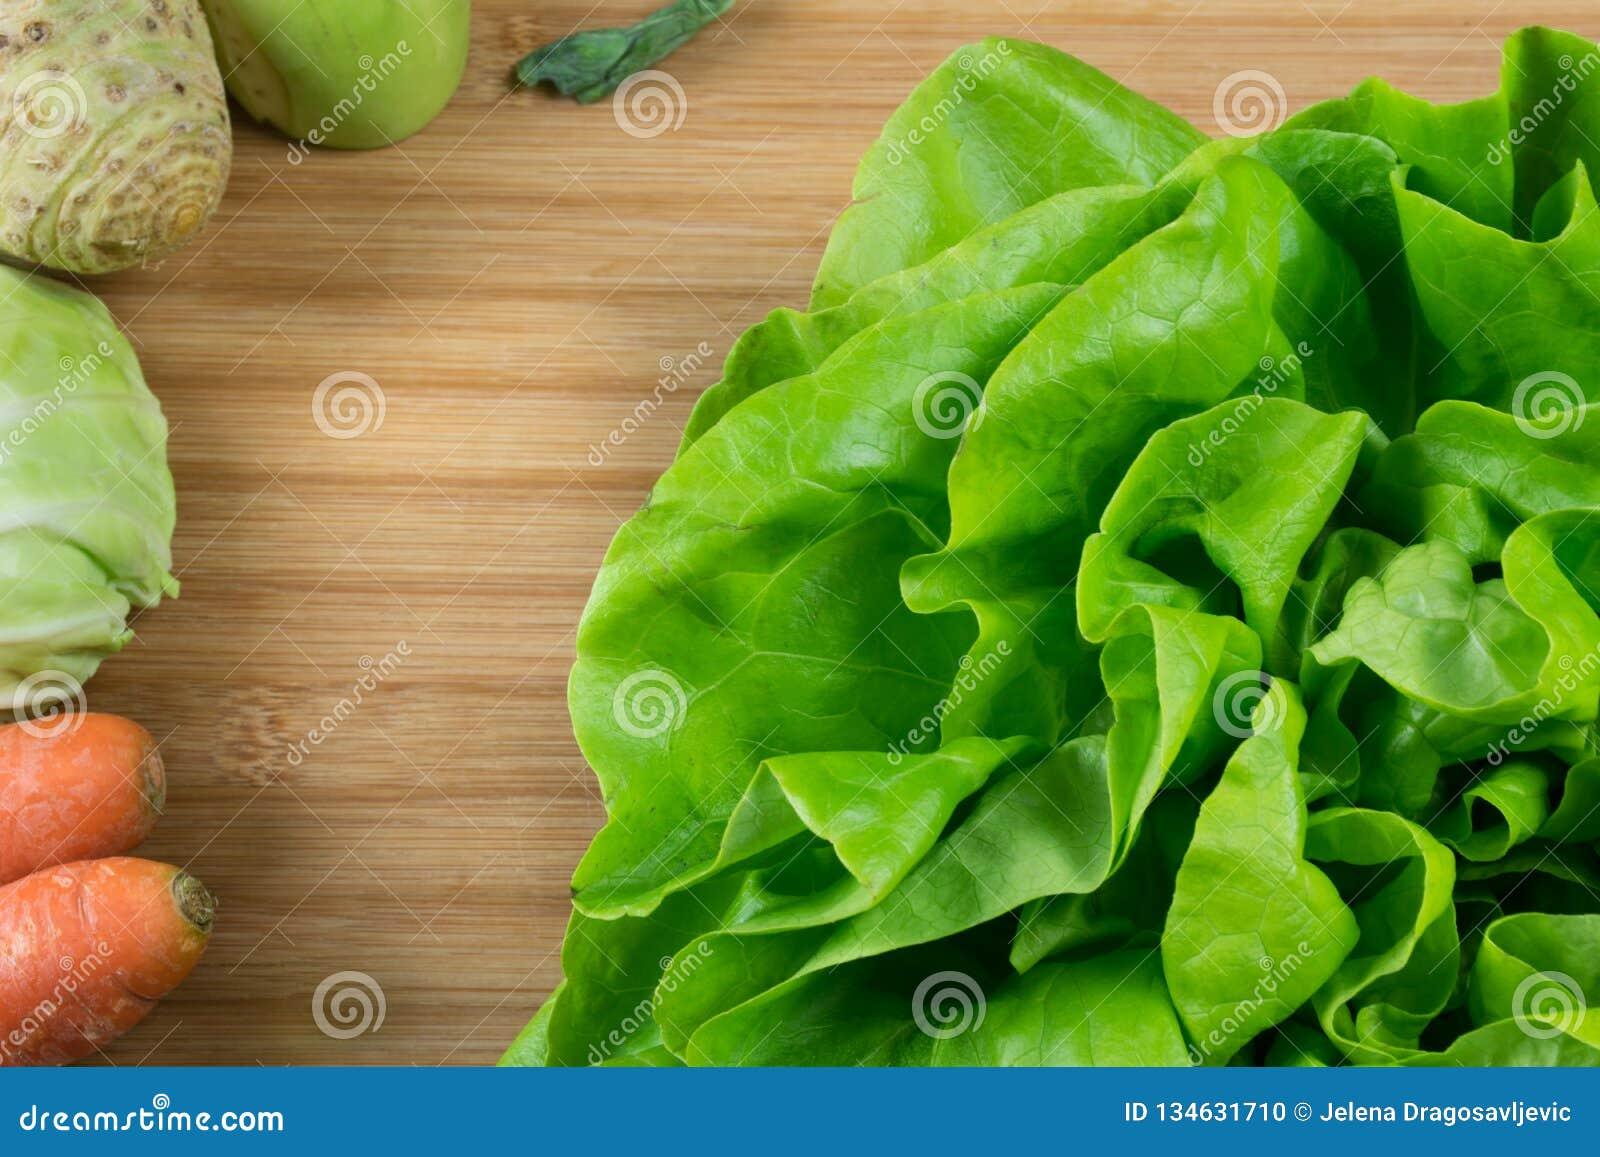 Alface verde fresca na placa do bacalhau e legumes frescos, cenoura, couve, aipo e couve-rábano no lado